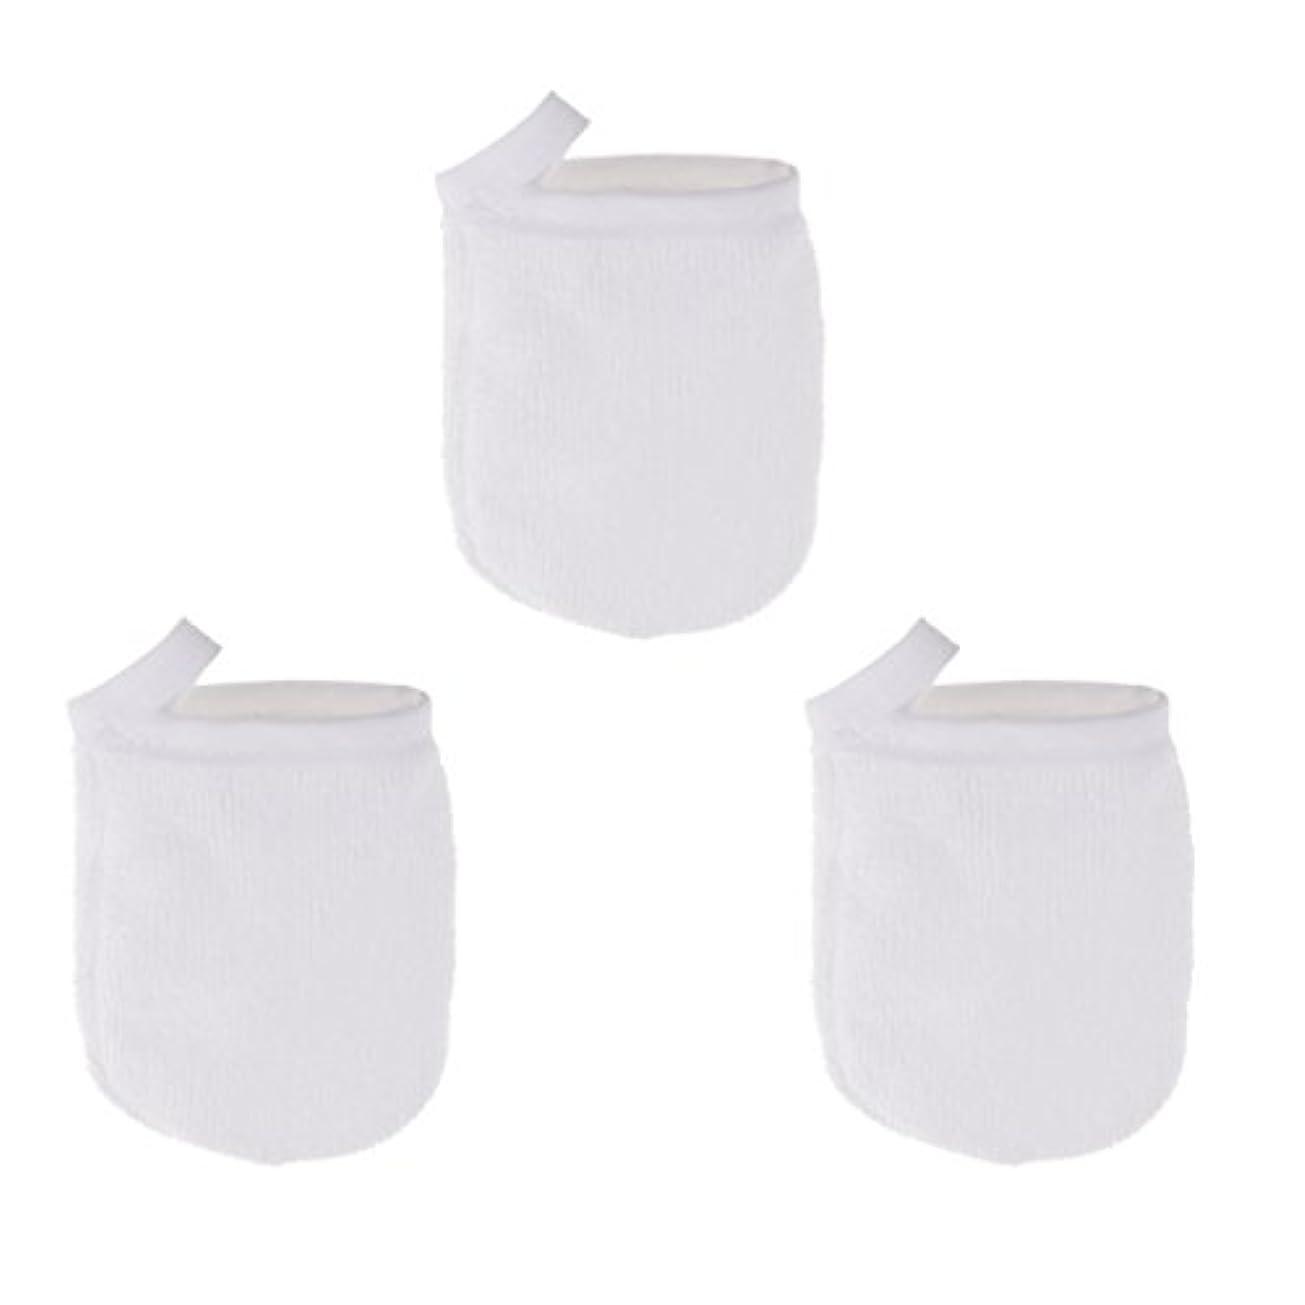 保険をかける発明刺激するToygogo 洗顔グローブ 手袋 ソフト フェイスクレンジンググローブ メイクリムーバー スキンケア 3個